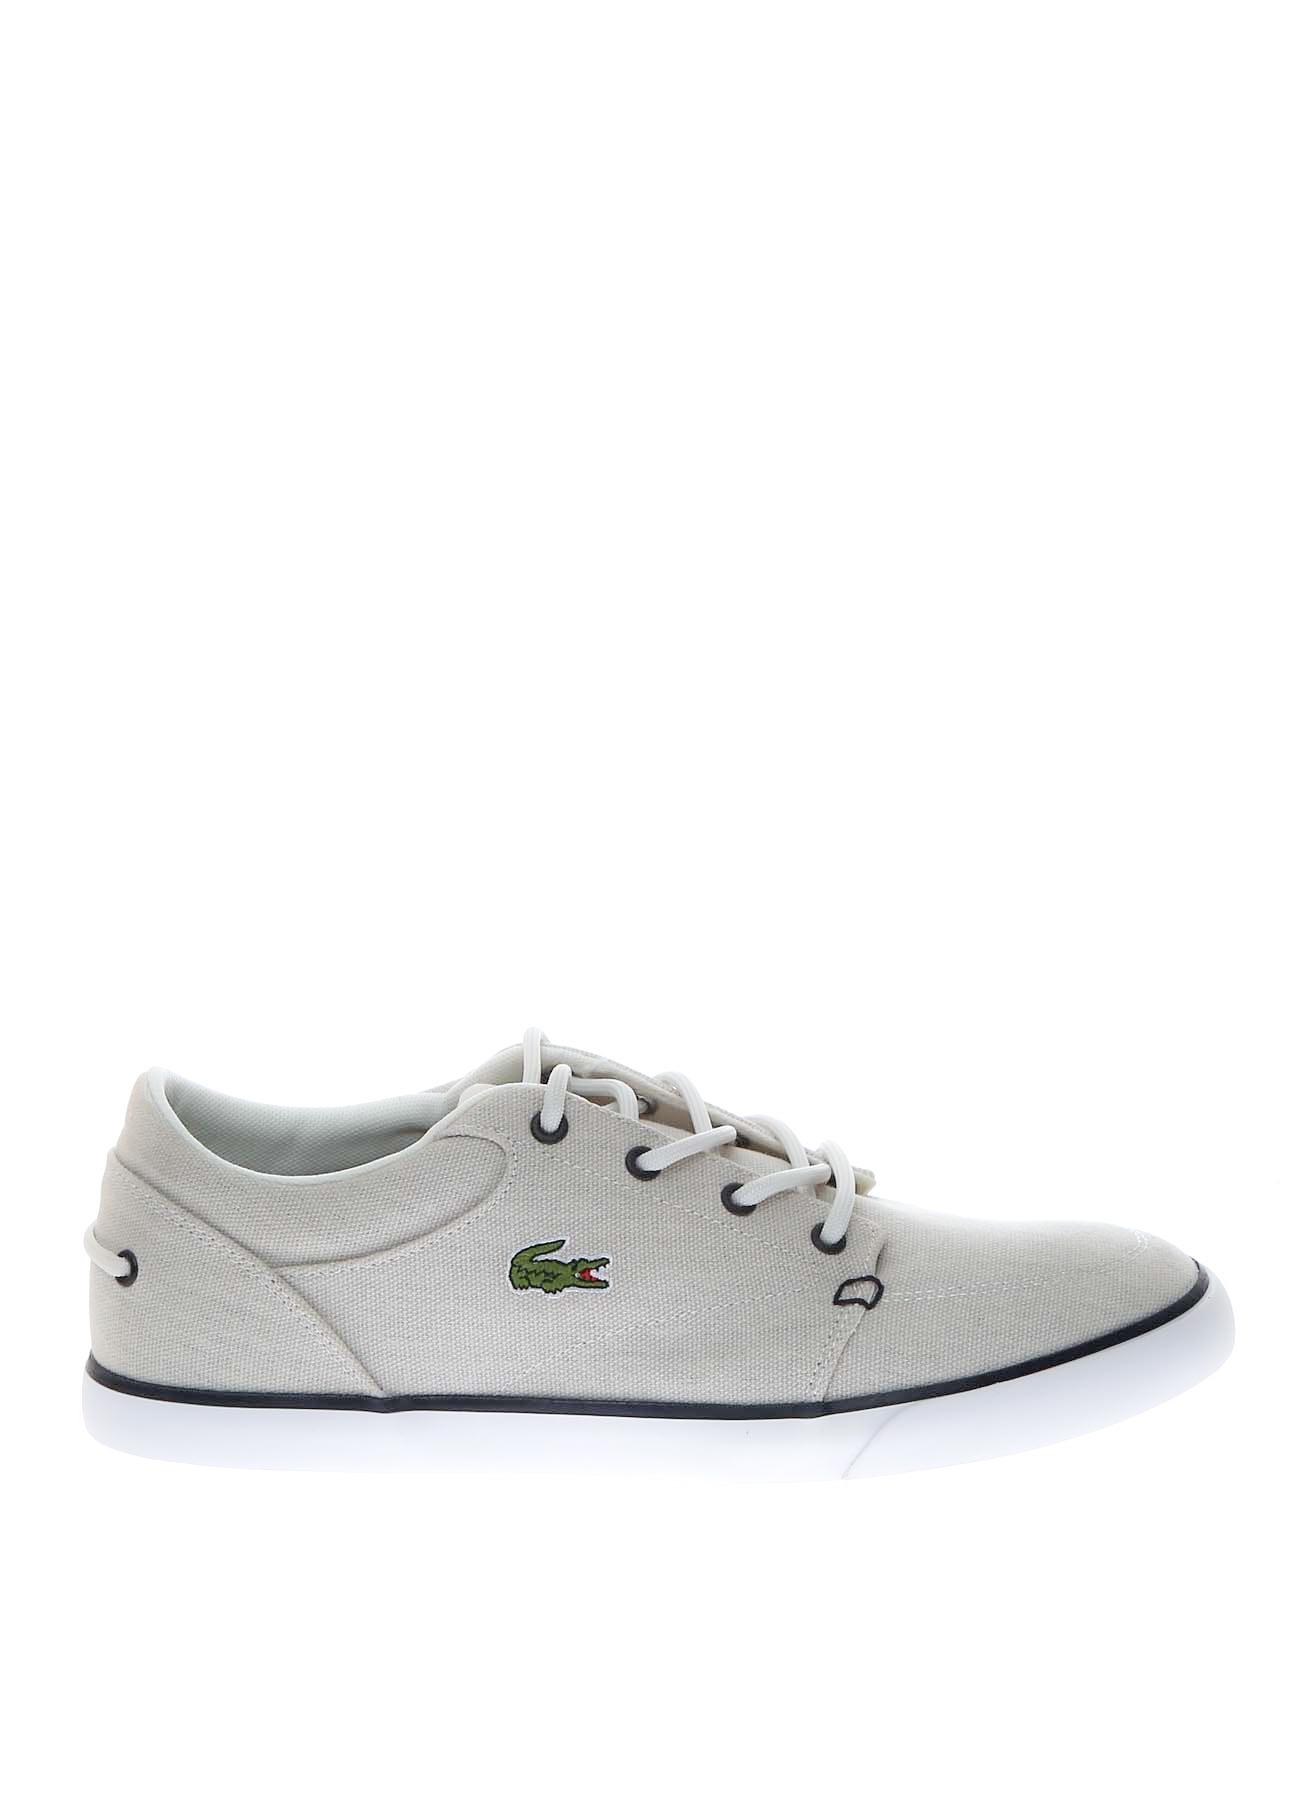 Lacoste Erkek Kanvas Mavi - Beyaz Günlük Ayakkabı 44 5000202845006 Ürün Resmi